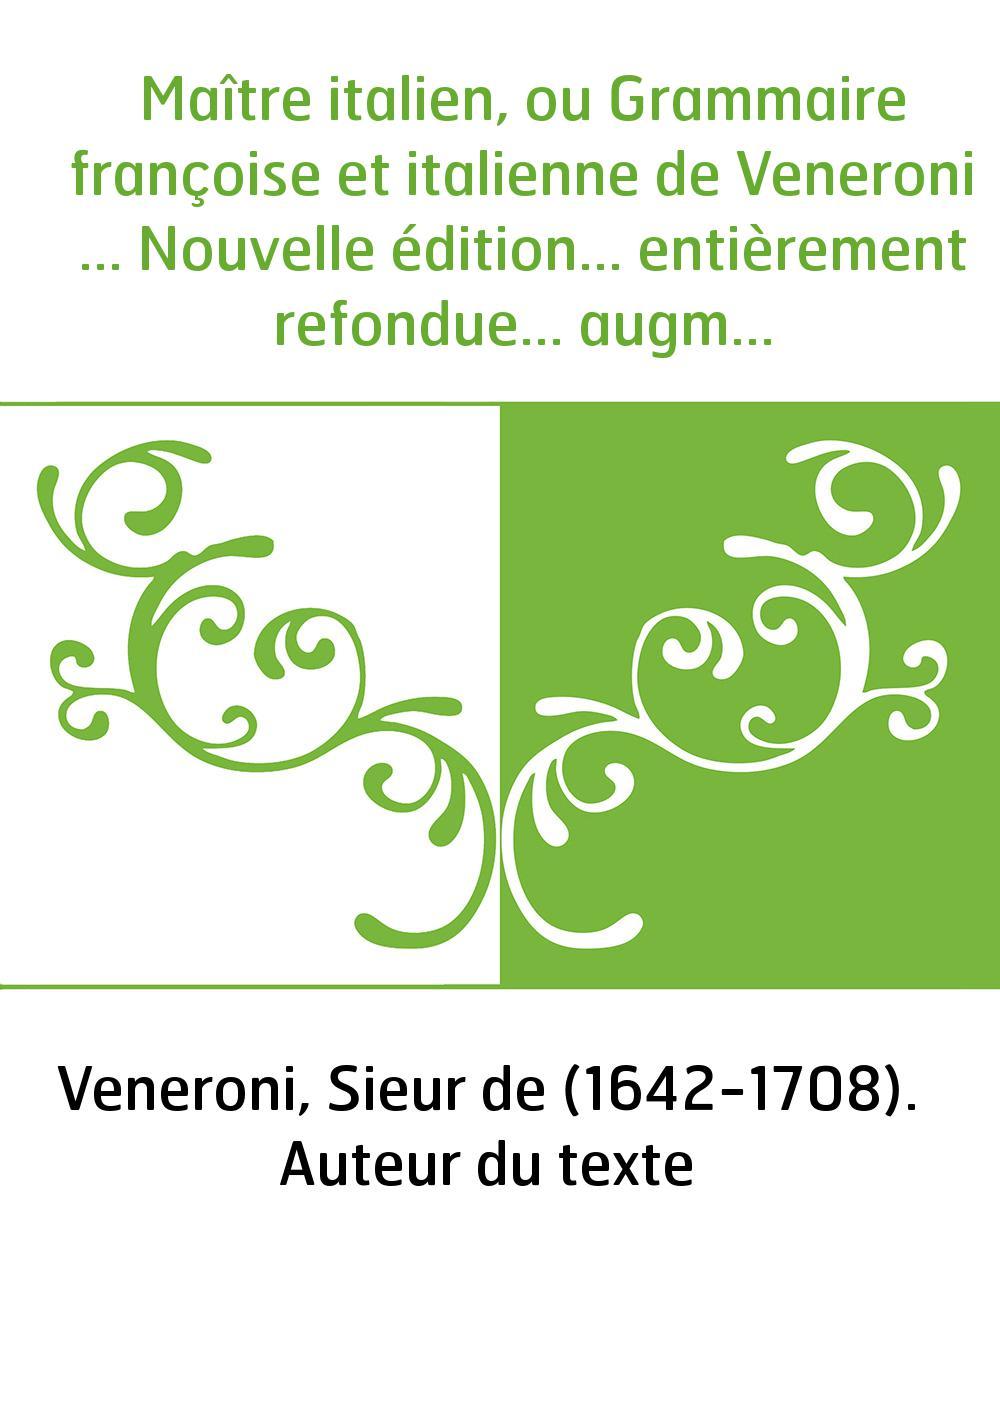 Maître italien, ou Grammaire françoise et italienne de Veneroni ... Nouvelle édition... entièrement refondue... augmentée d'un r